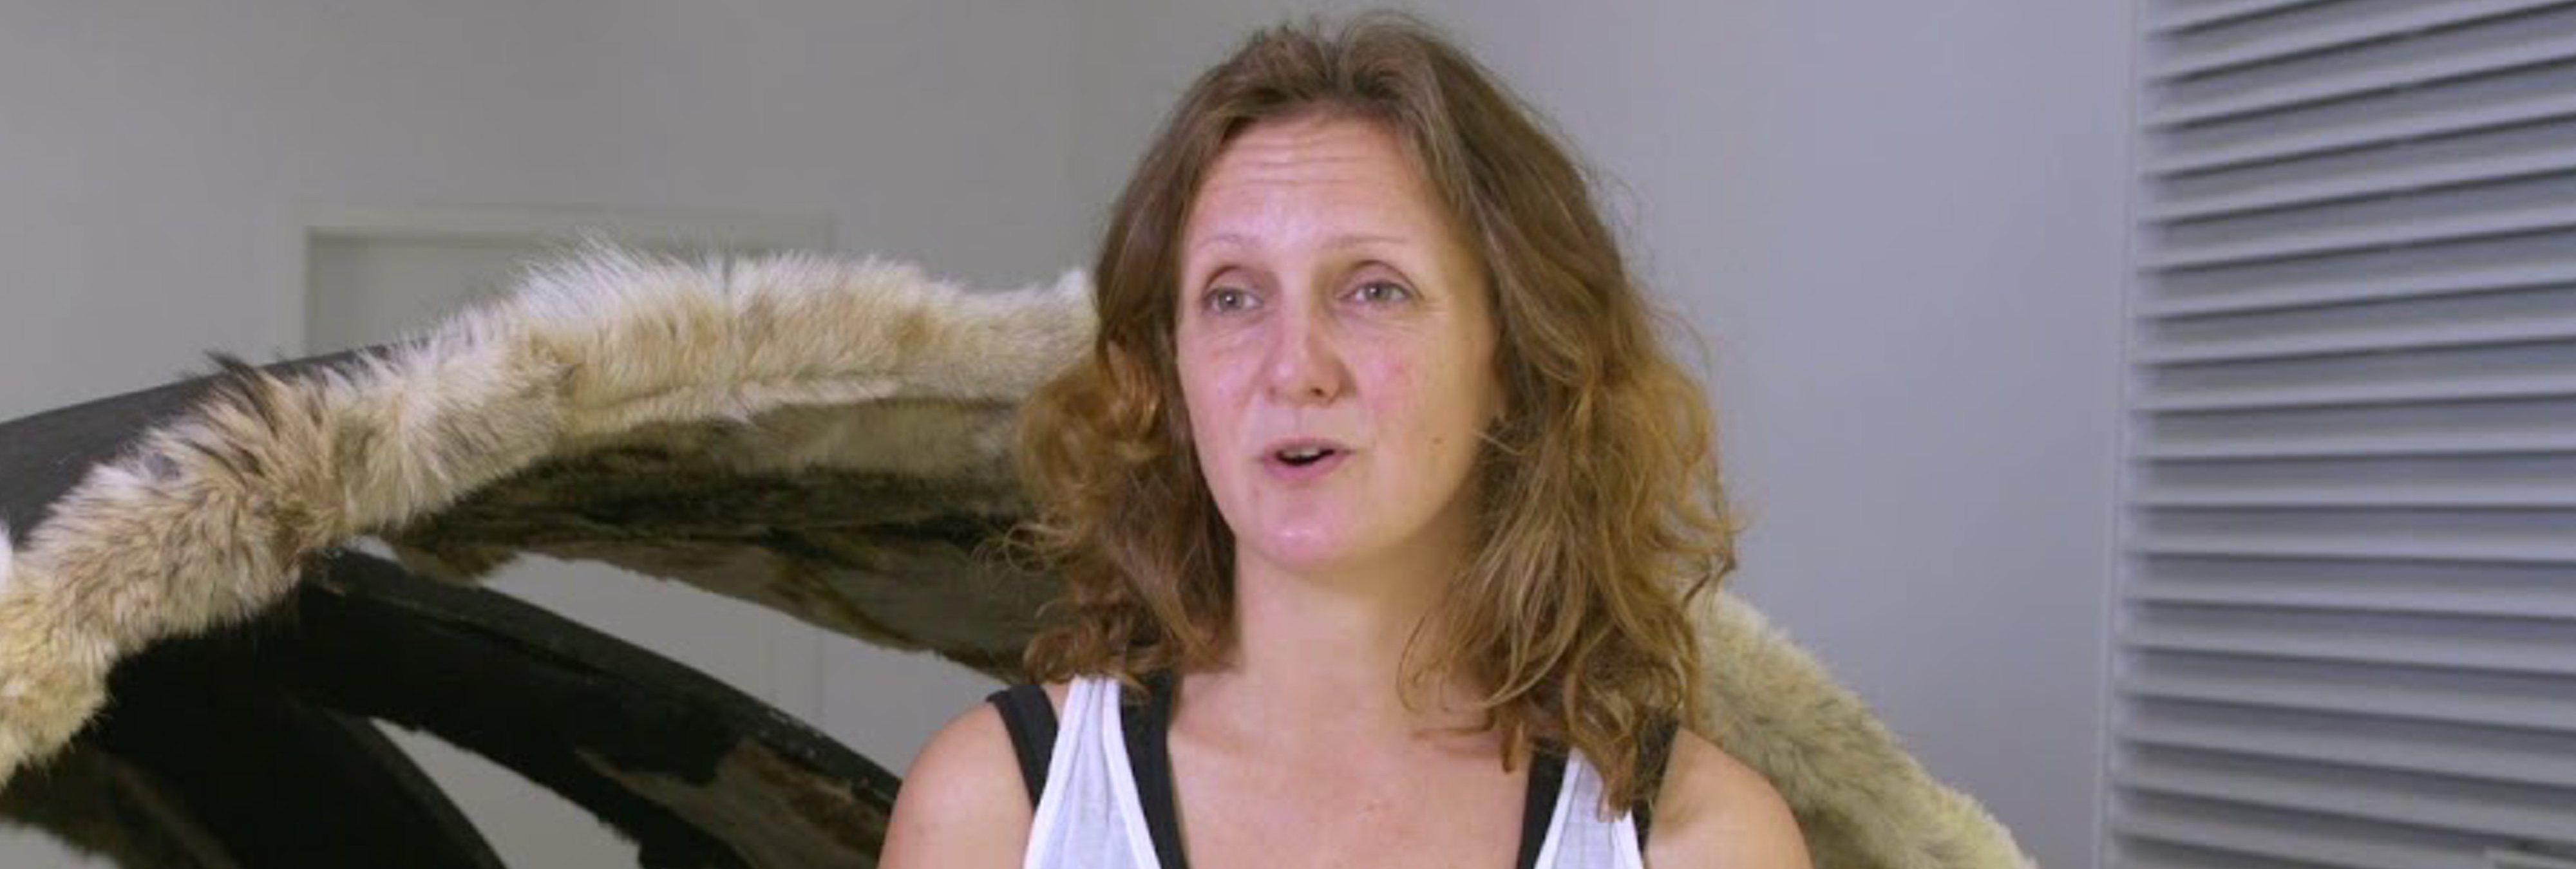 ¿Qué fue de Maja Smrekar, la mujer inseminada por el perro al que amamantó tres meses?